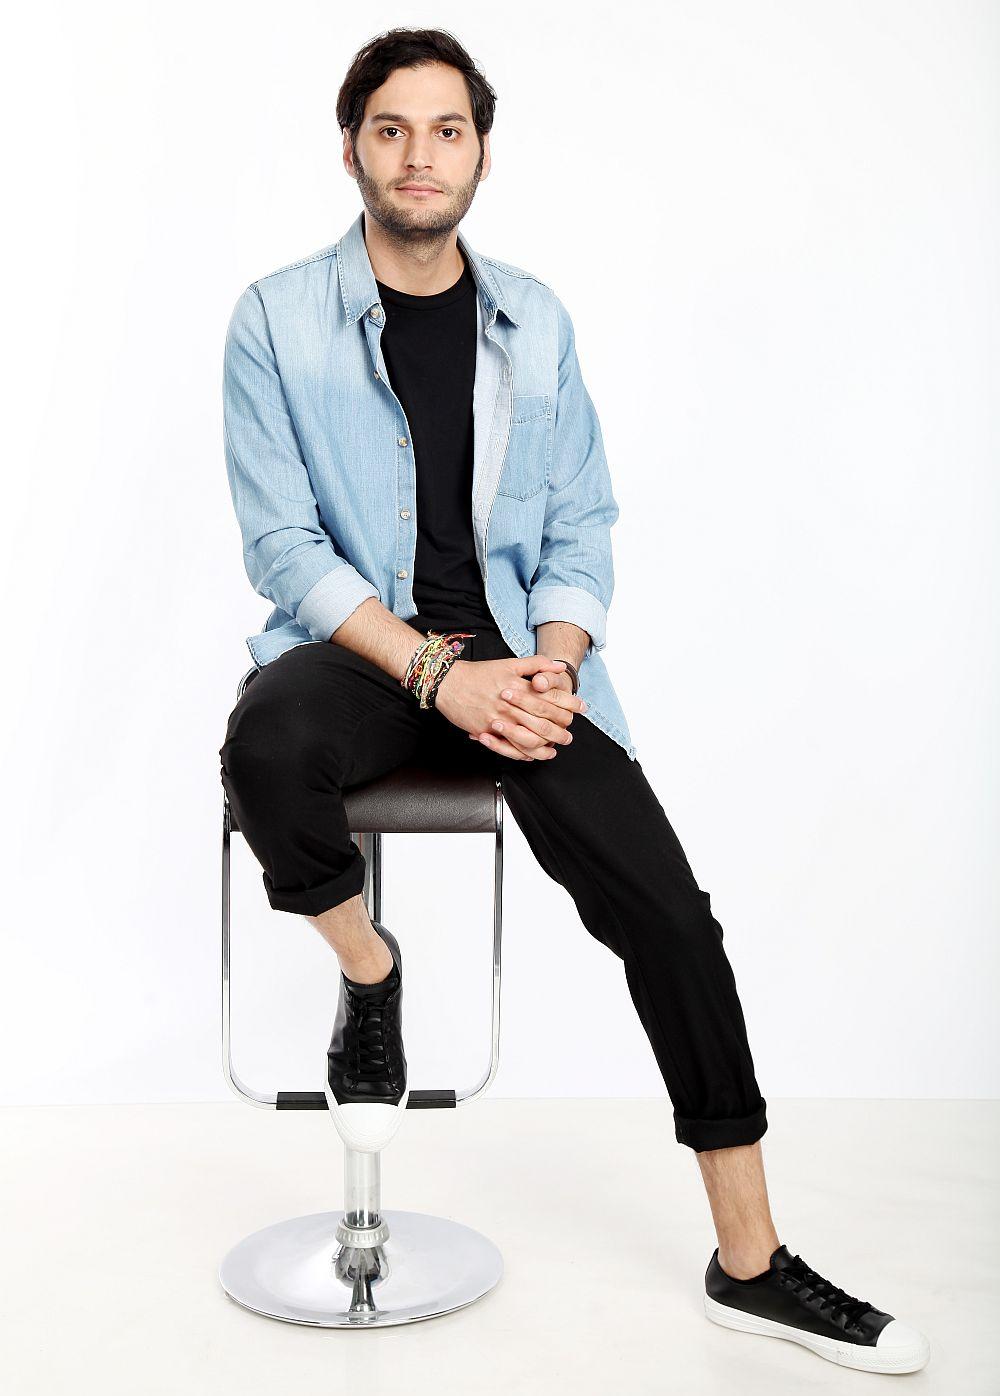 Omid Ghannadi